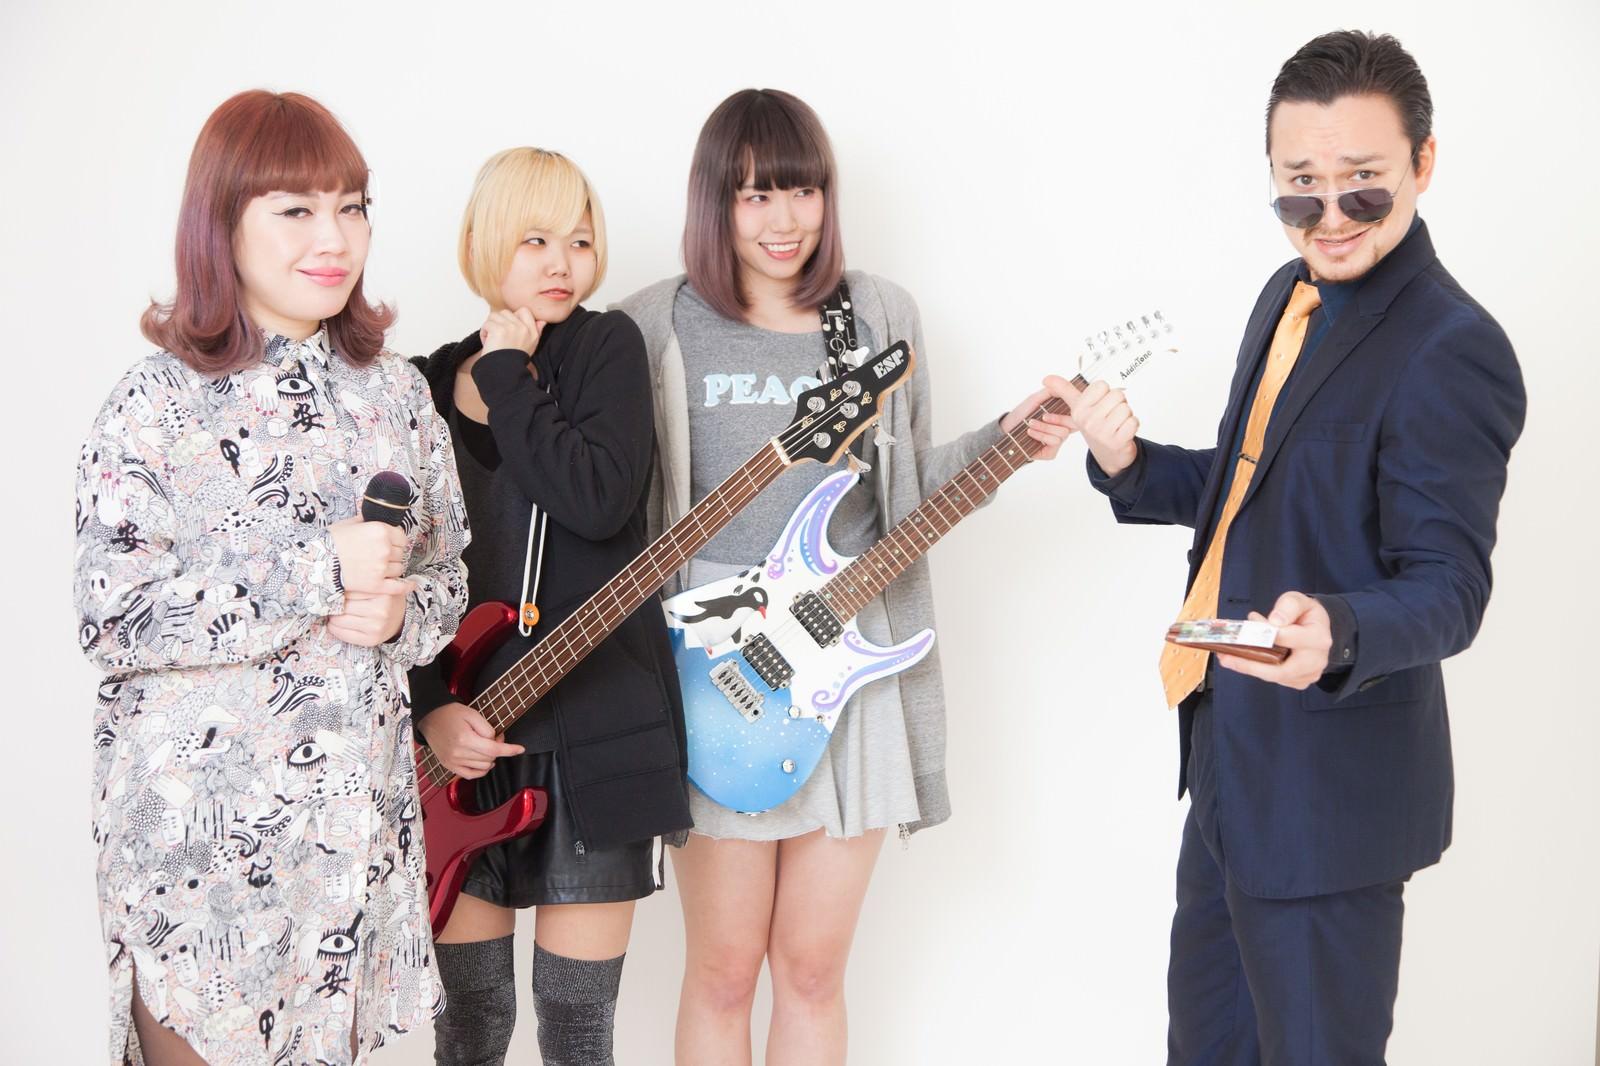 「不敵な笑みを浮かべる敏腕スカウトと女ボーカル」の写真[モデル:IRISMONDE Max_Ezaki]